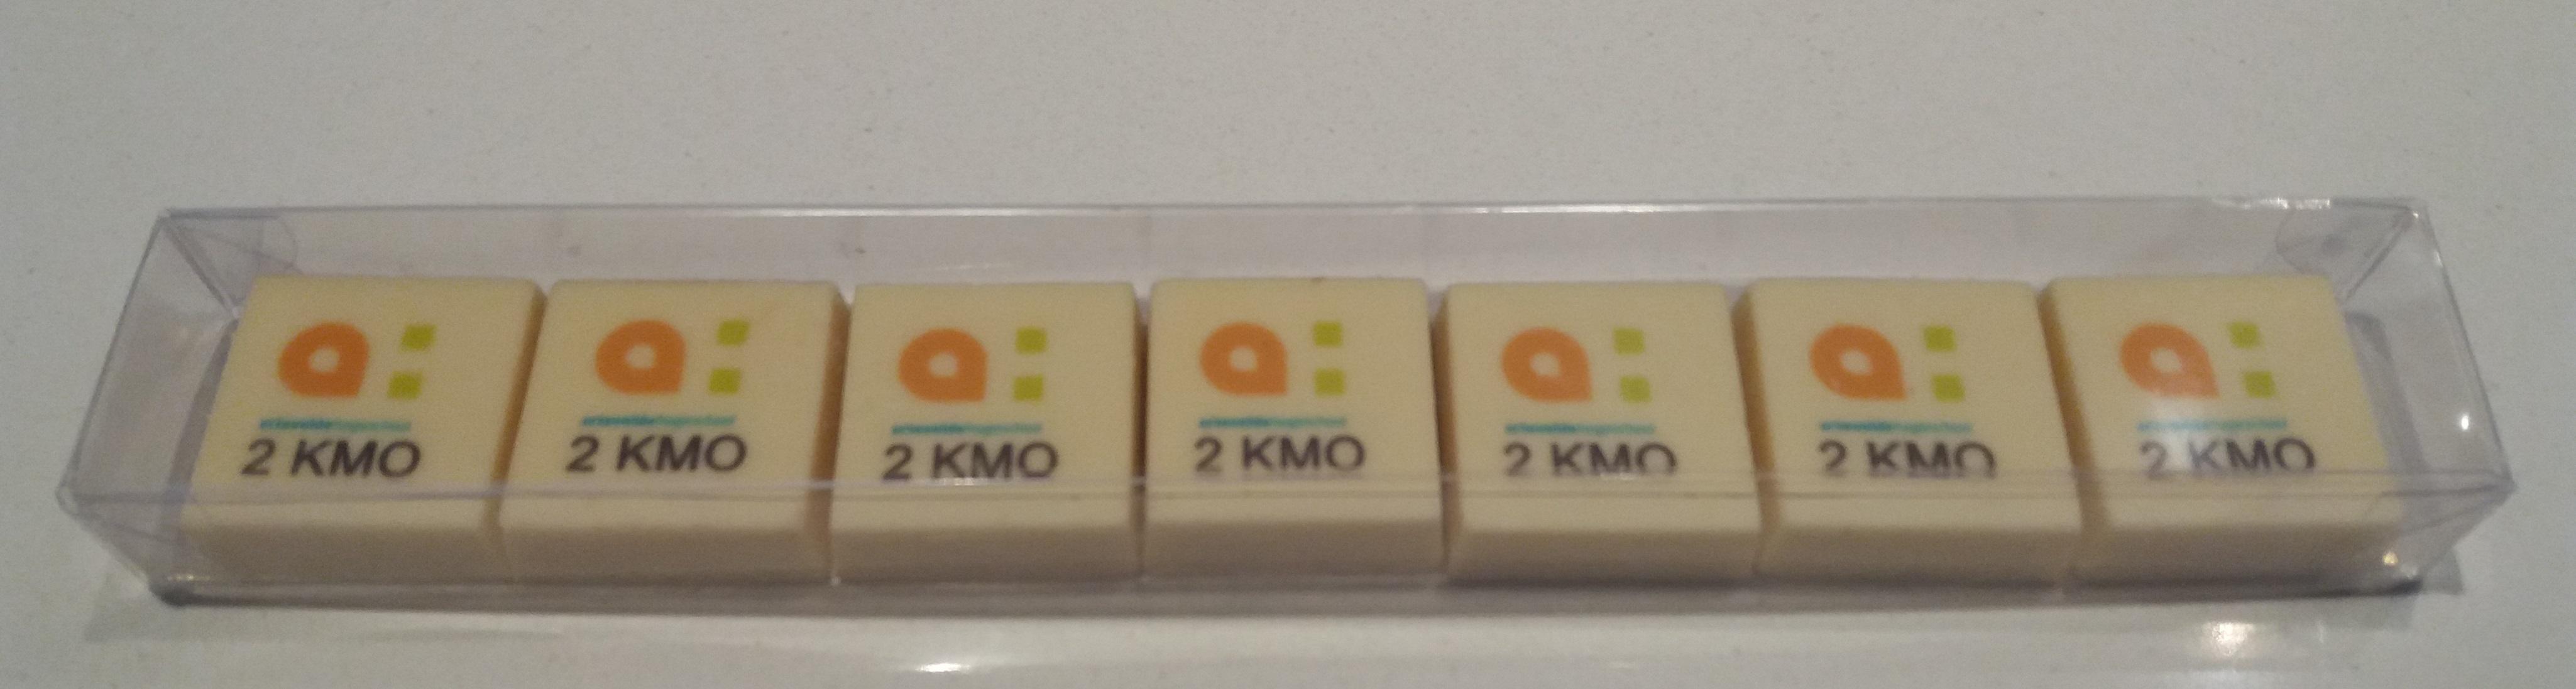 mica-vierkantig-7-bewerkt